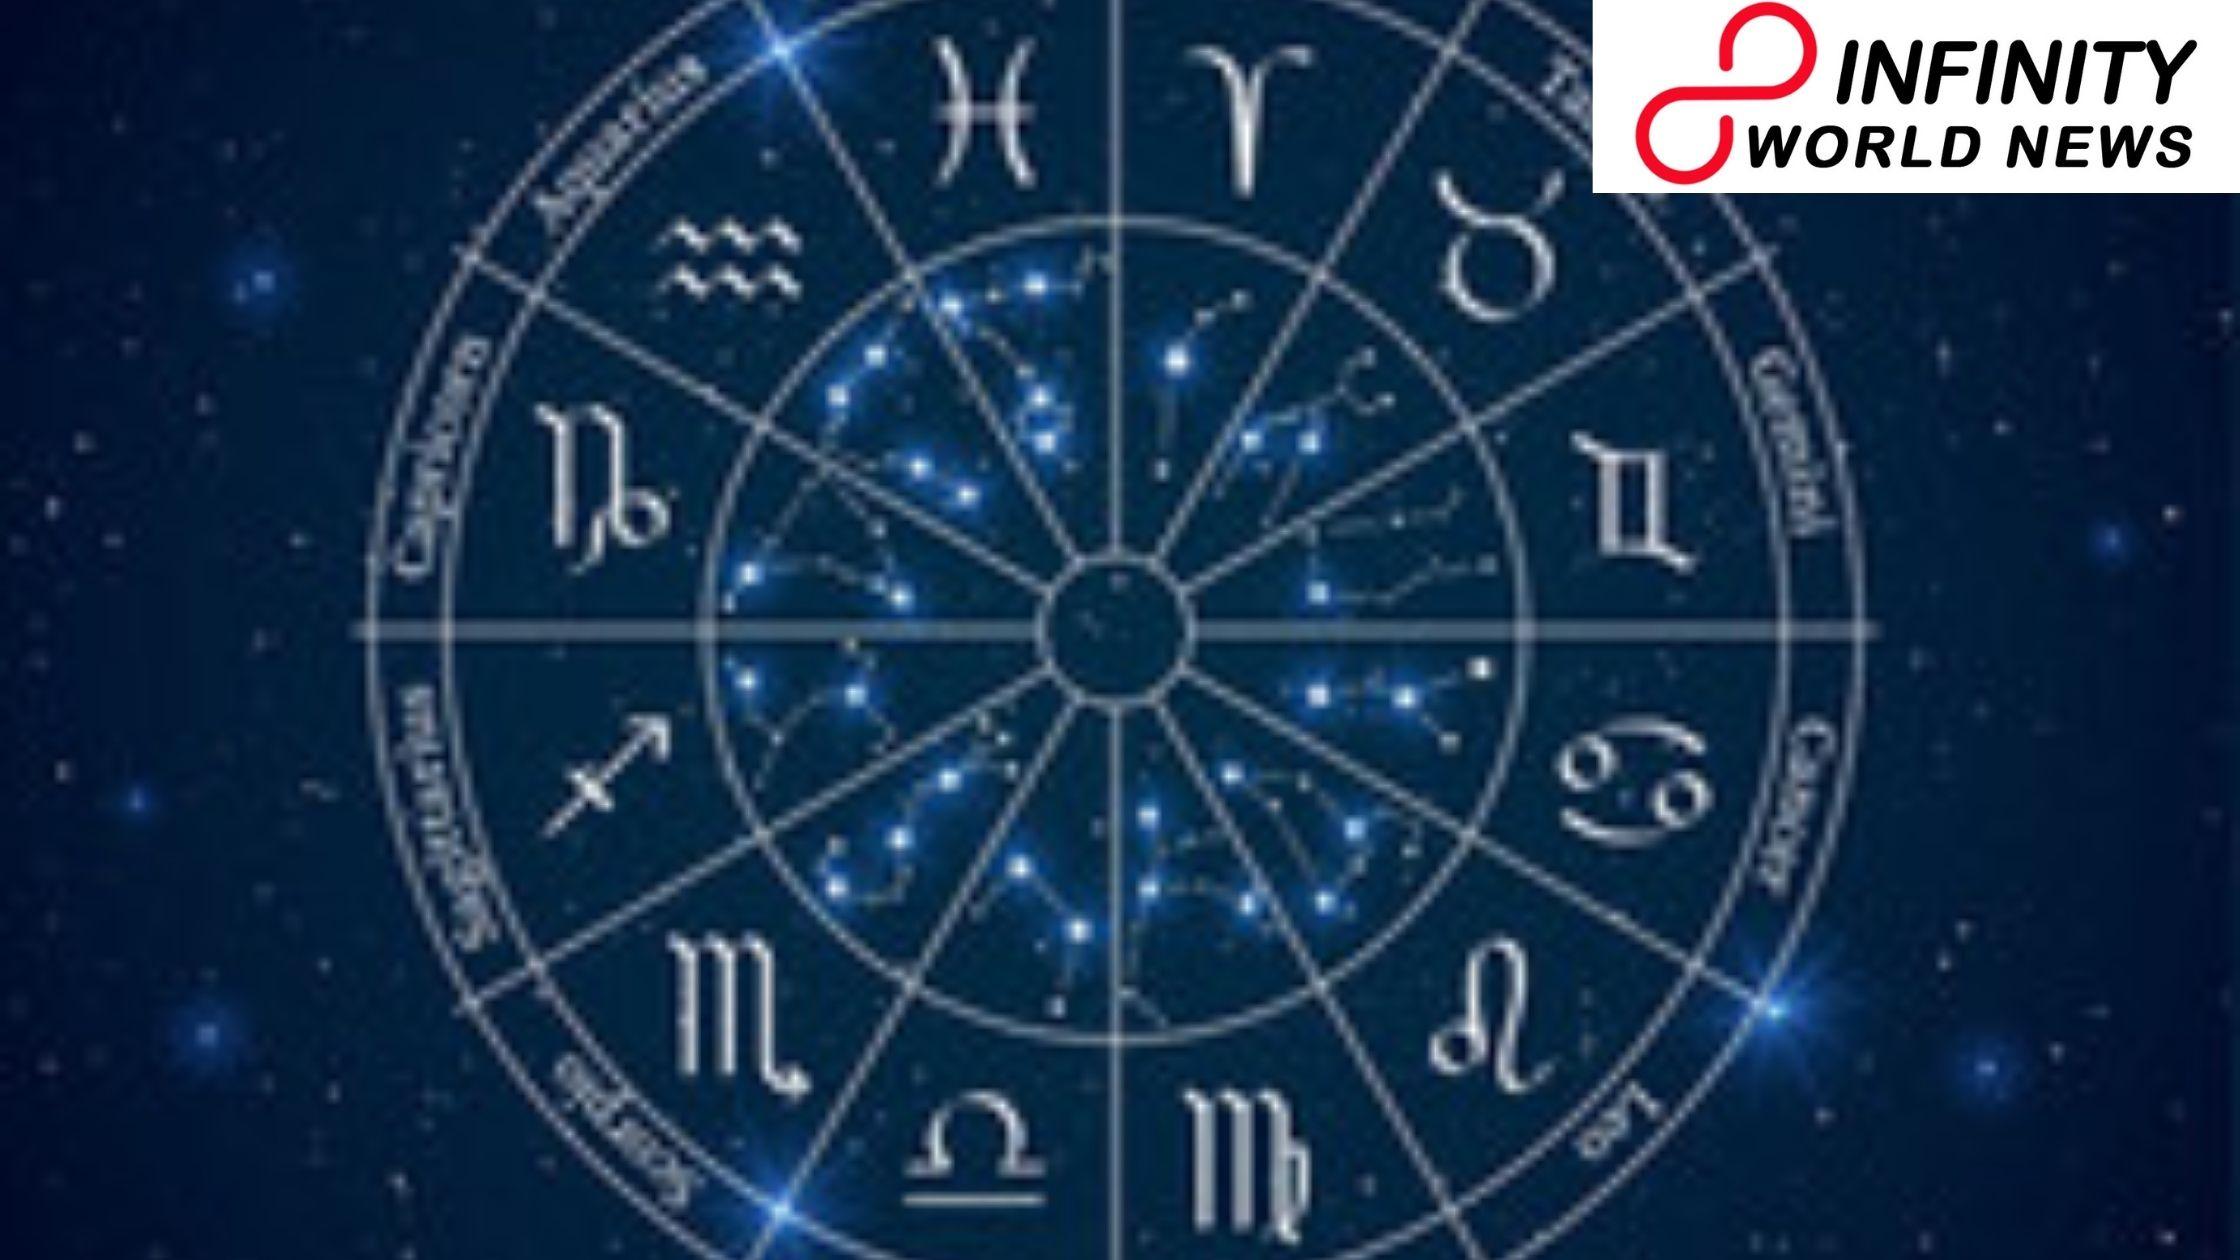 Today Horoscope 30-11-20 Daily Horoscope